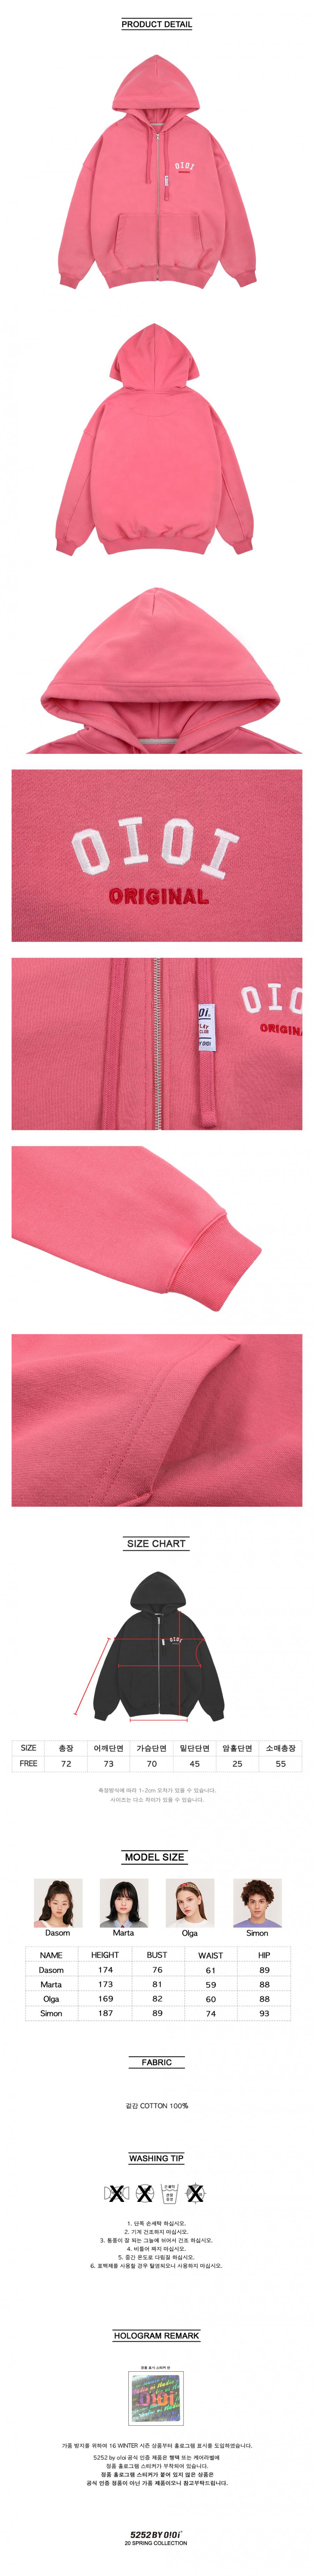 5252 바이 오아이오아이(5252BYOIOI) 2020 ORIGINAL HOOD ZIPUP_pink